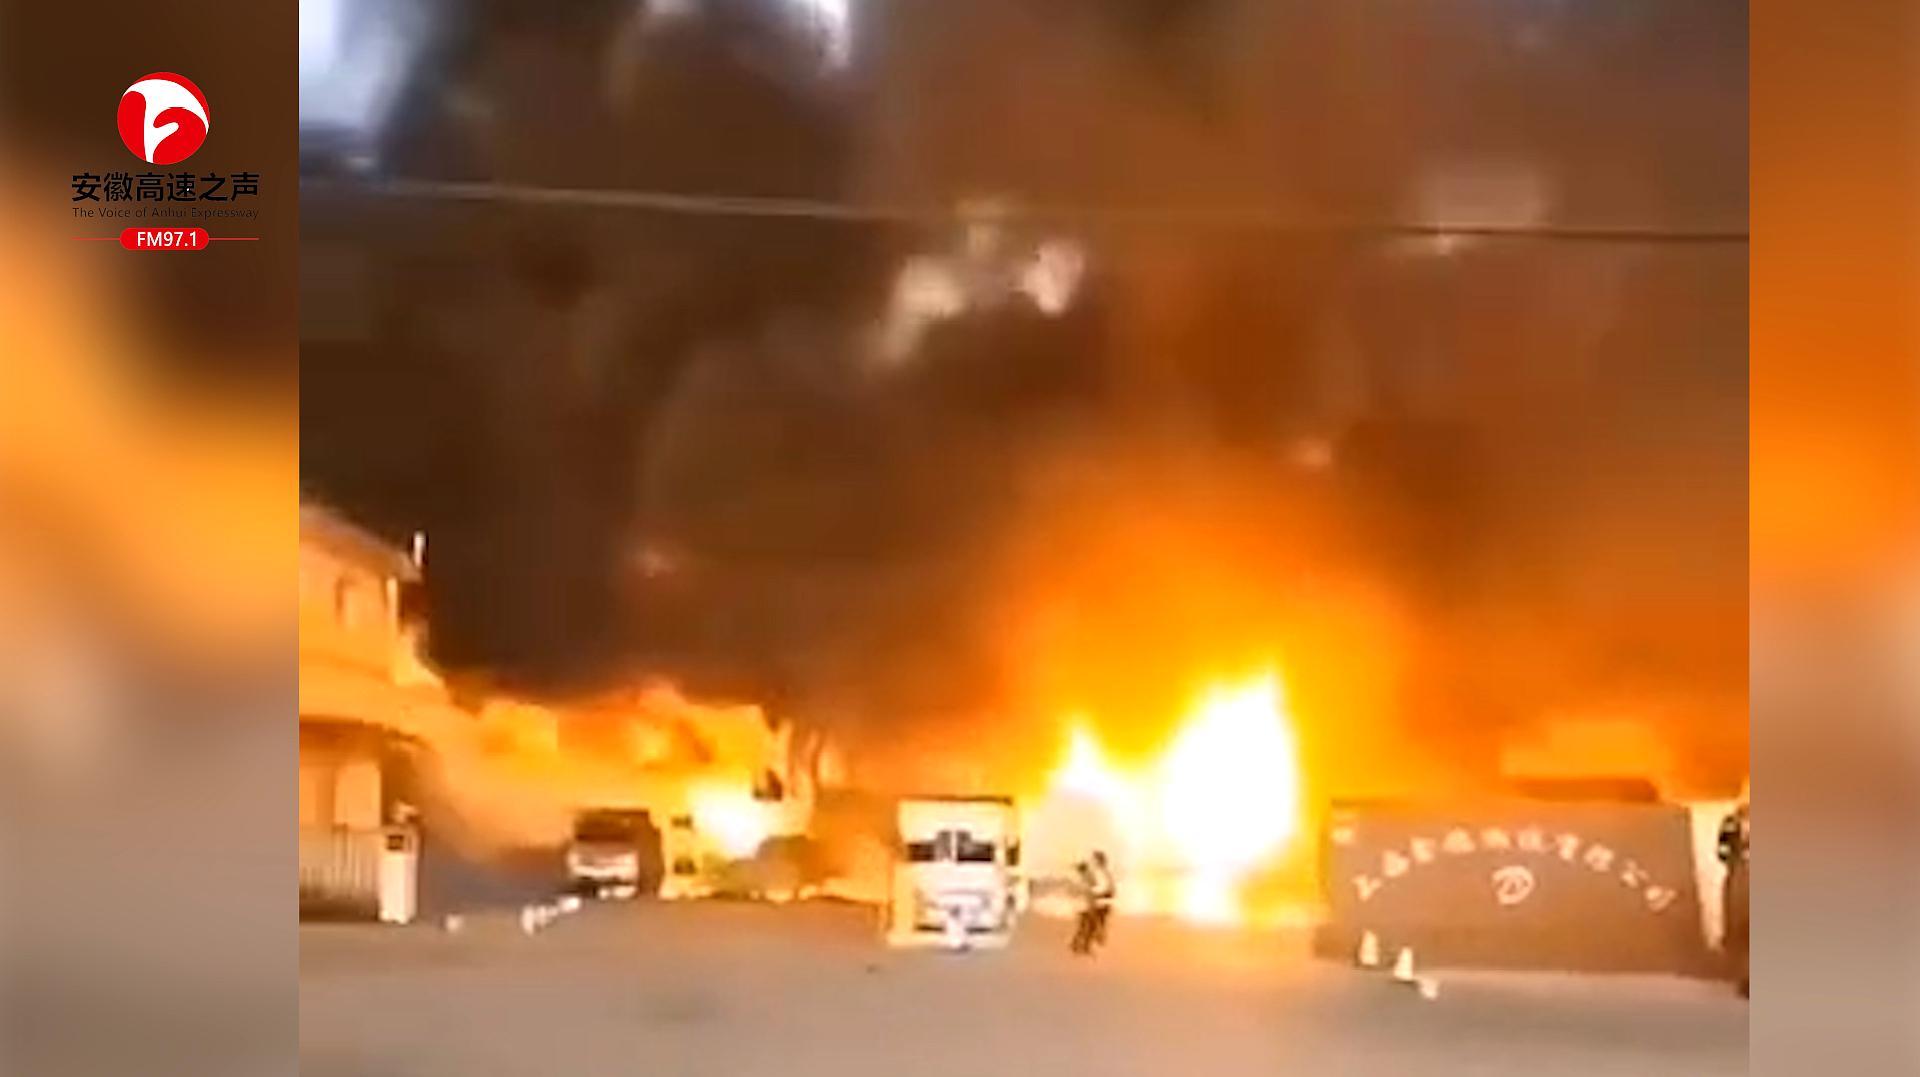 上海宝山区蕰川路物流园区域突发大火 现场黑烟滚滚,火光冲天